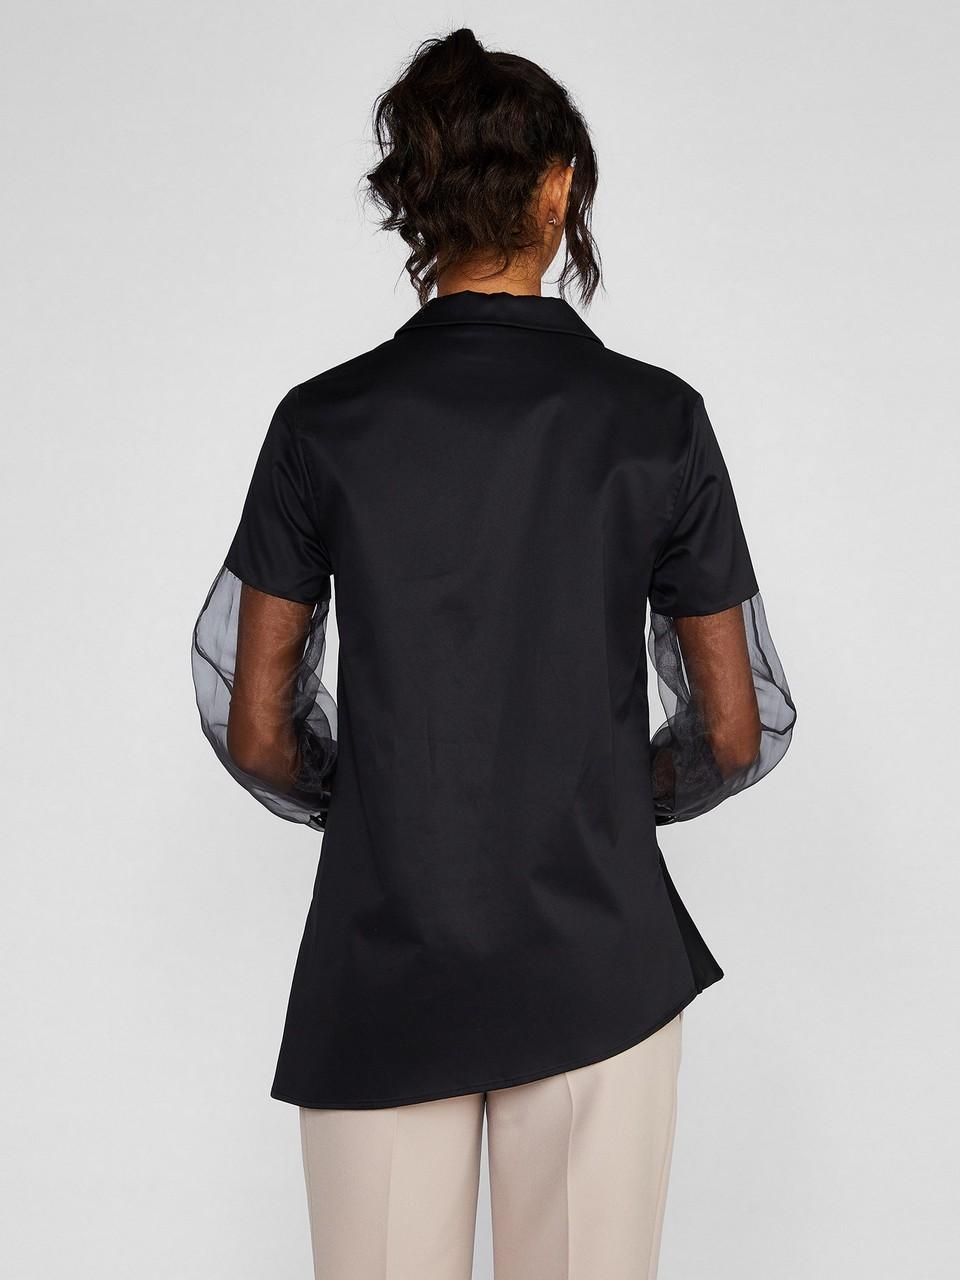 Uzun Transparan Kol Detaylı Asimetrik Kesim Gömlek